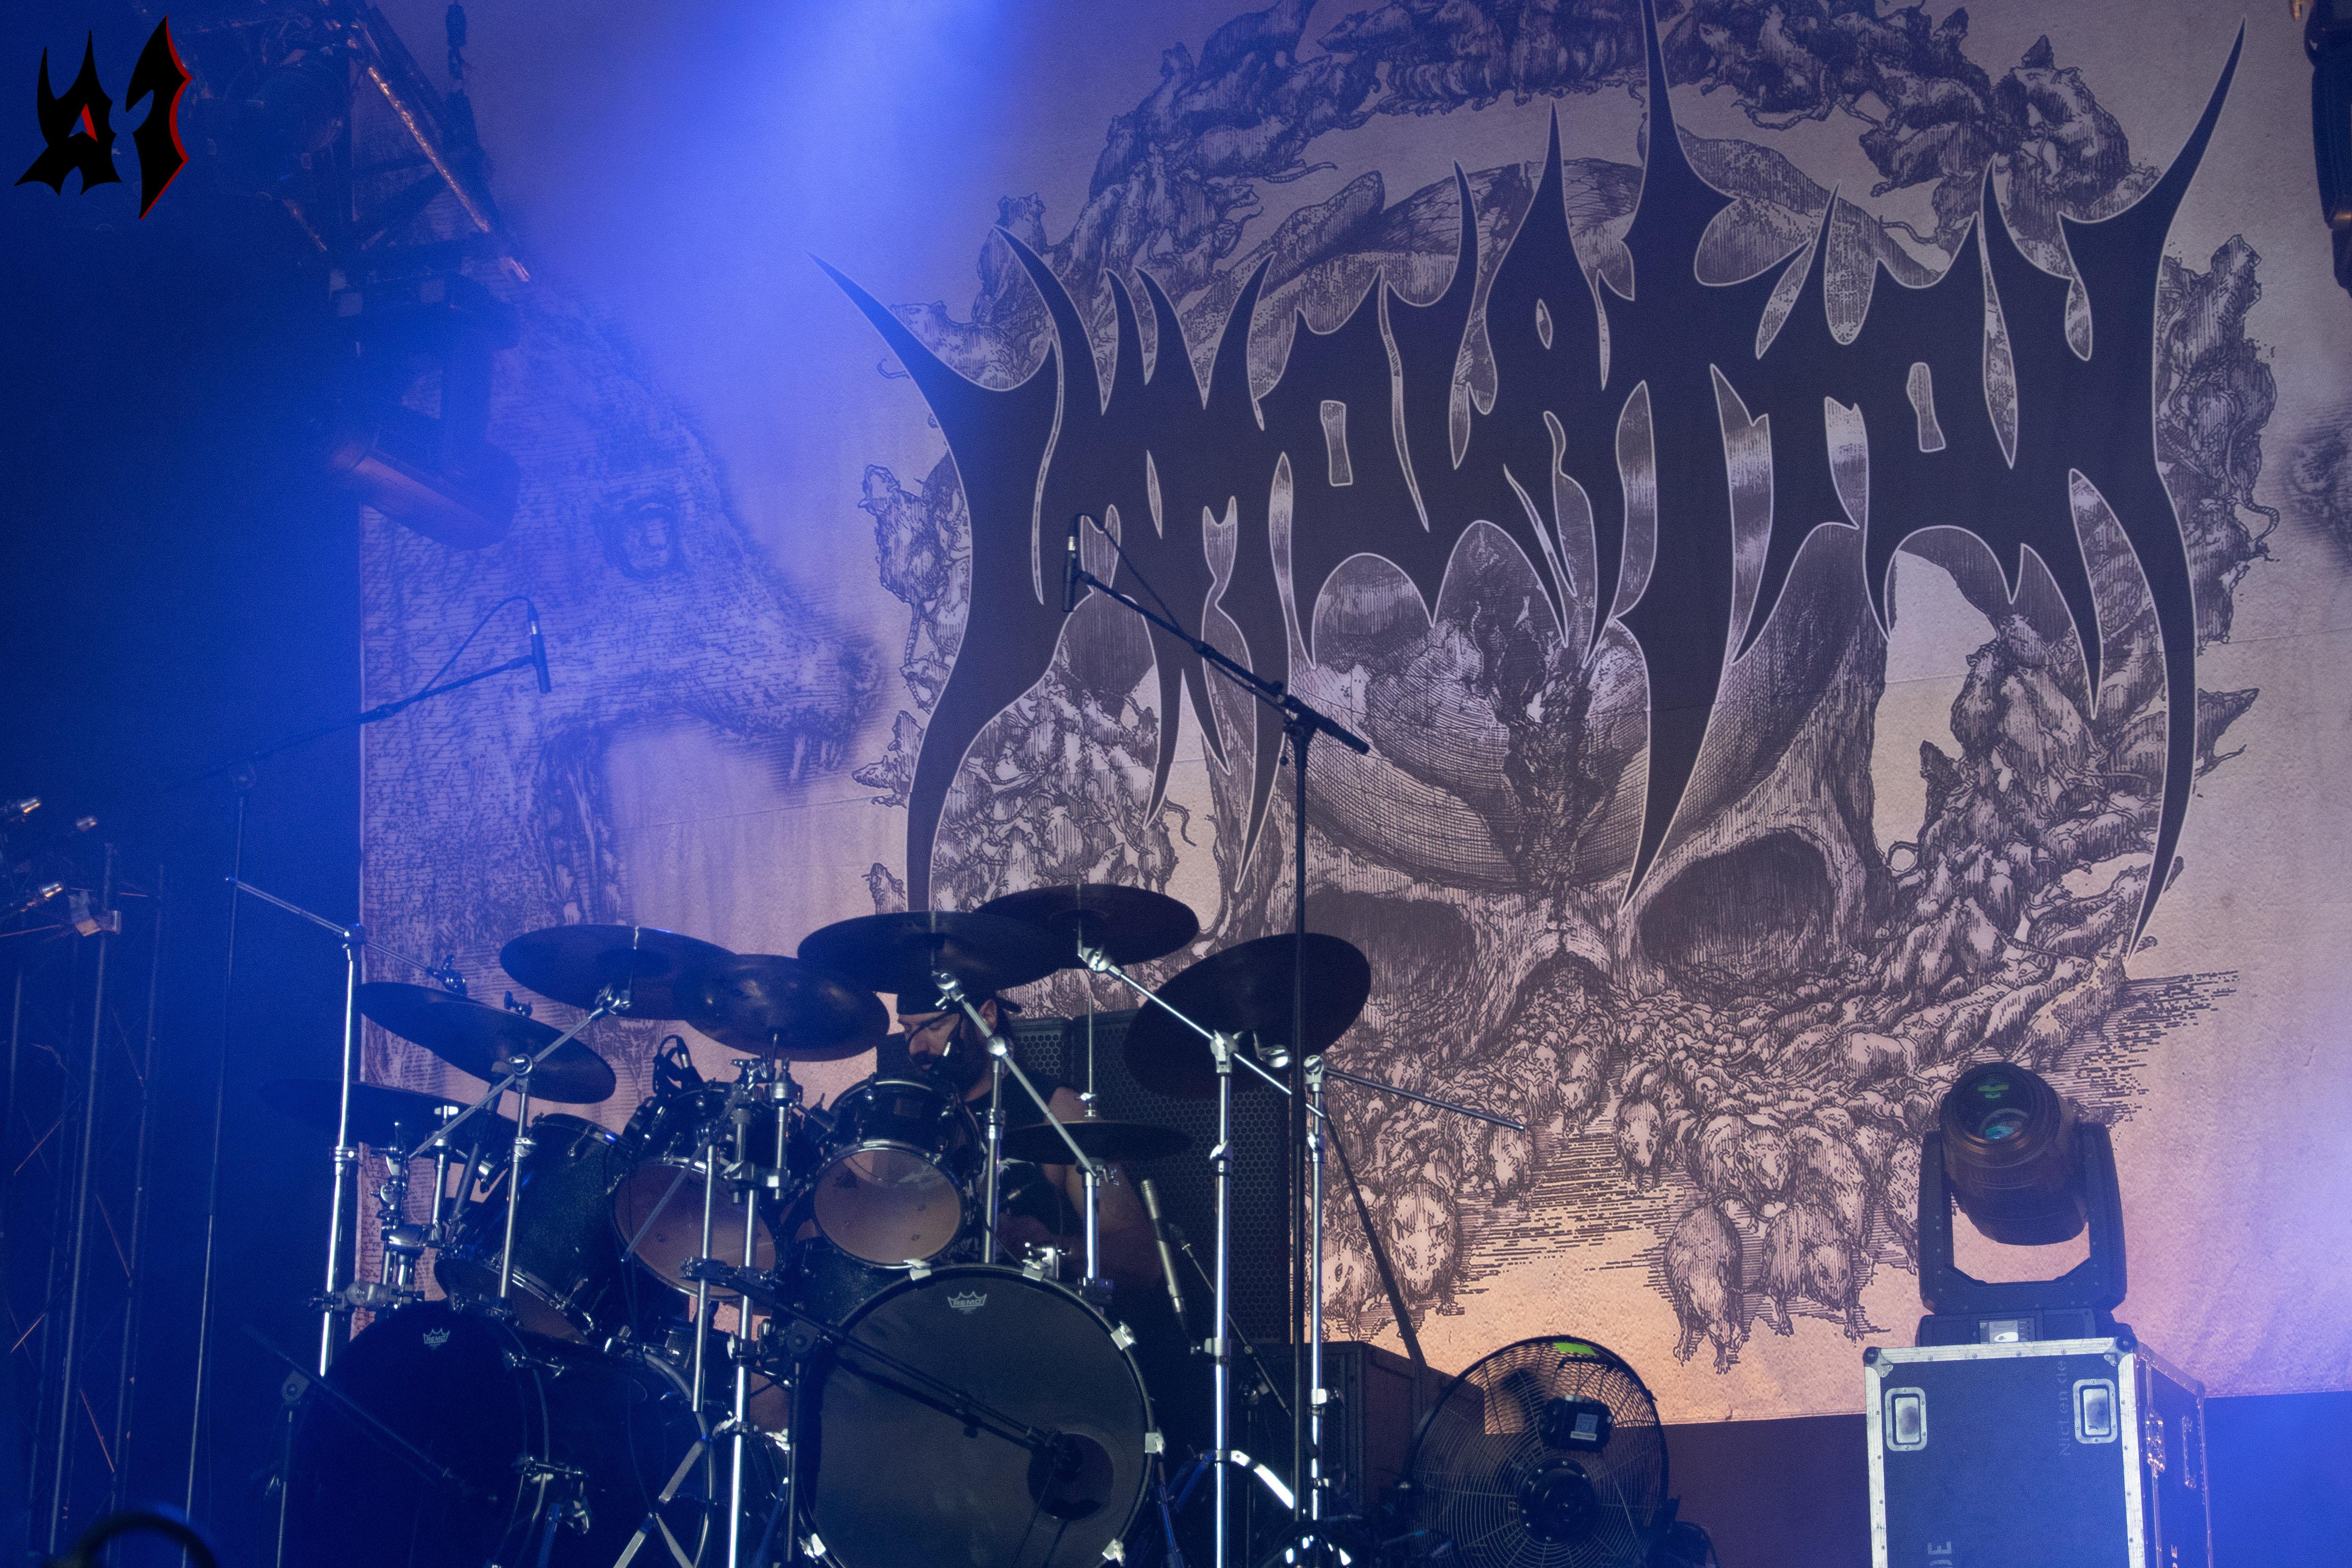 Hellfest - Immolation - 7